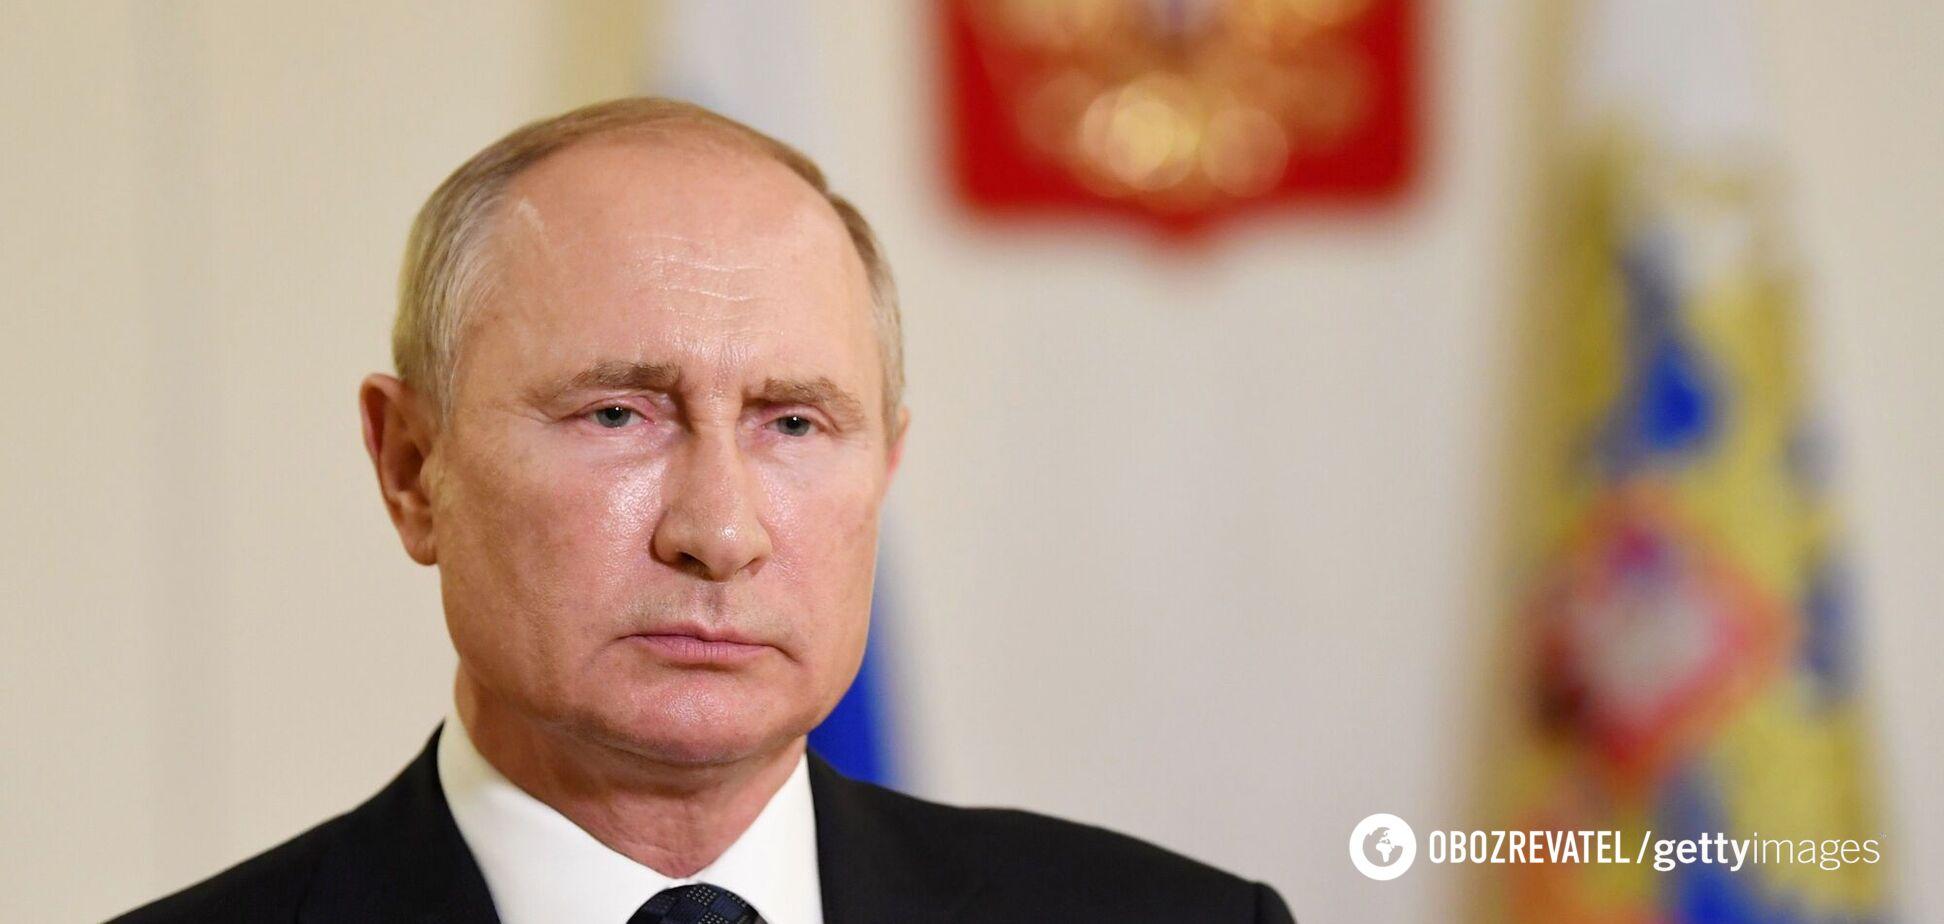 Путин выступил с обращением о прекращении войны в Карабахе